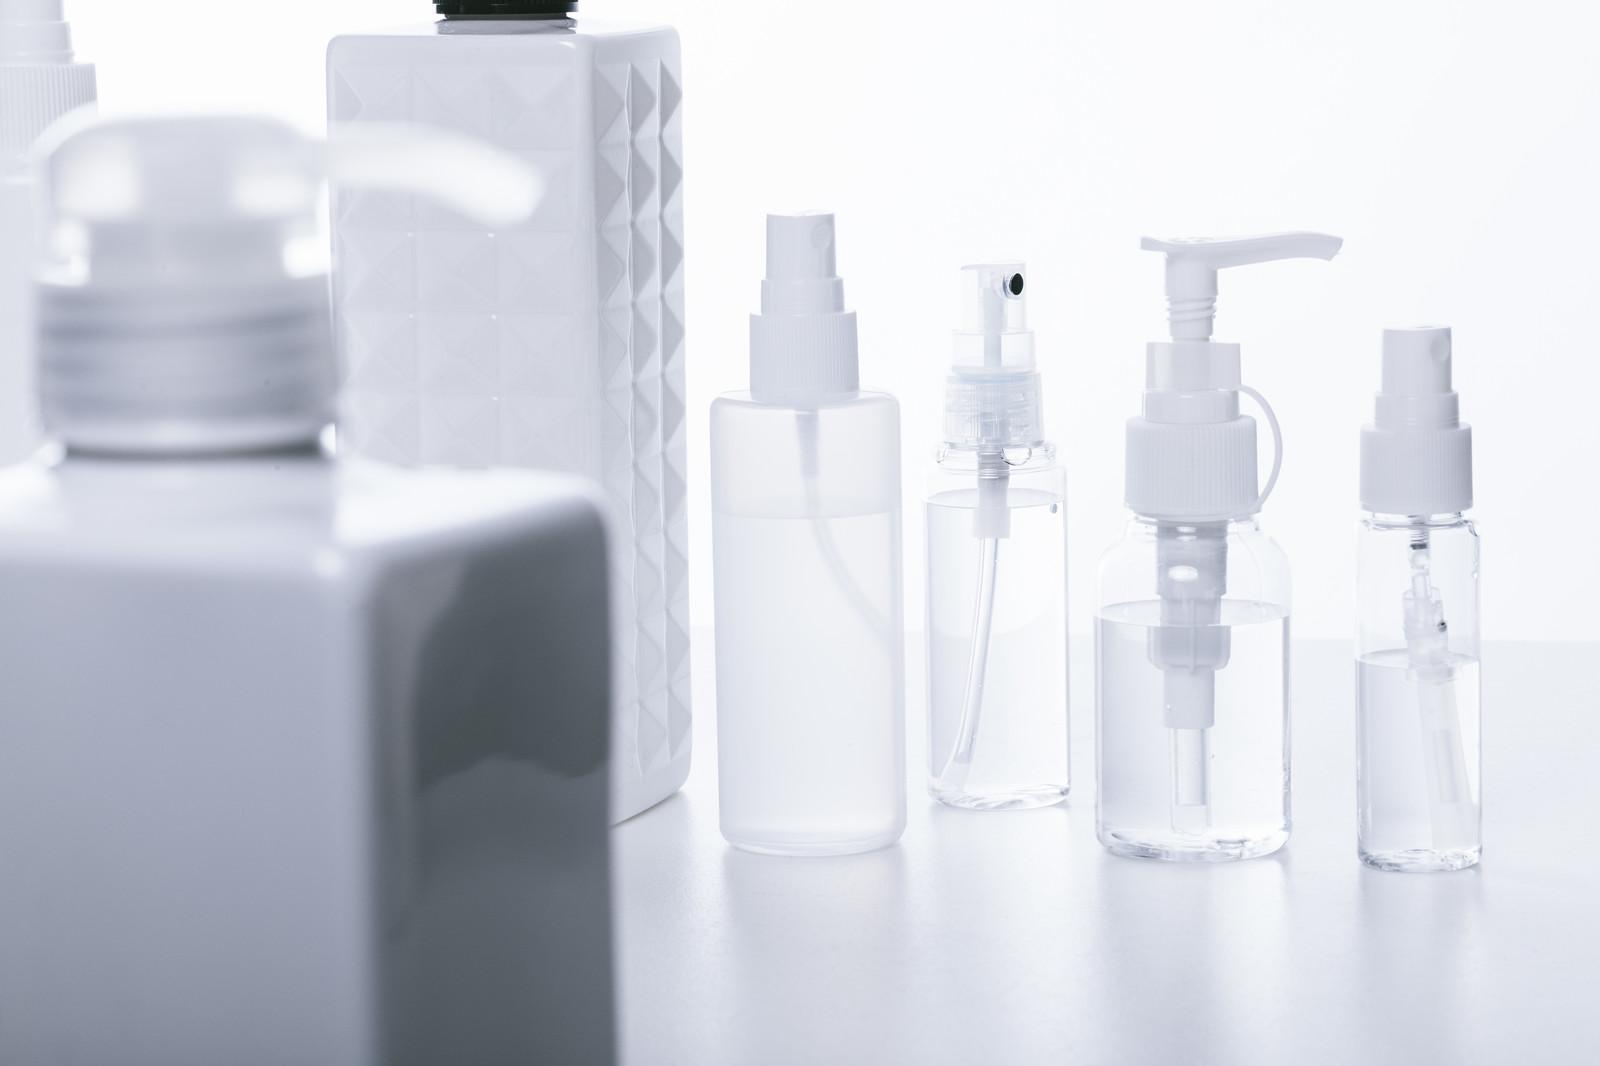 オーガニックの乳液を入れる容器